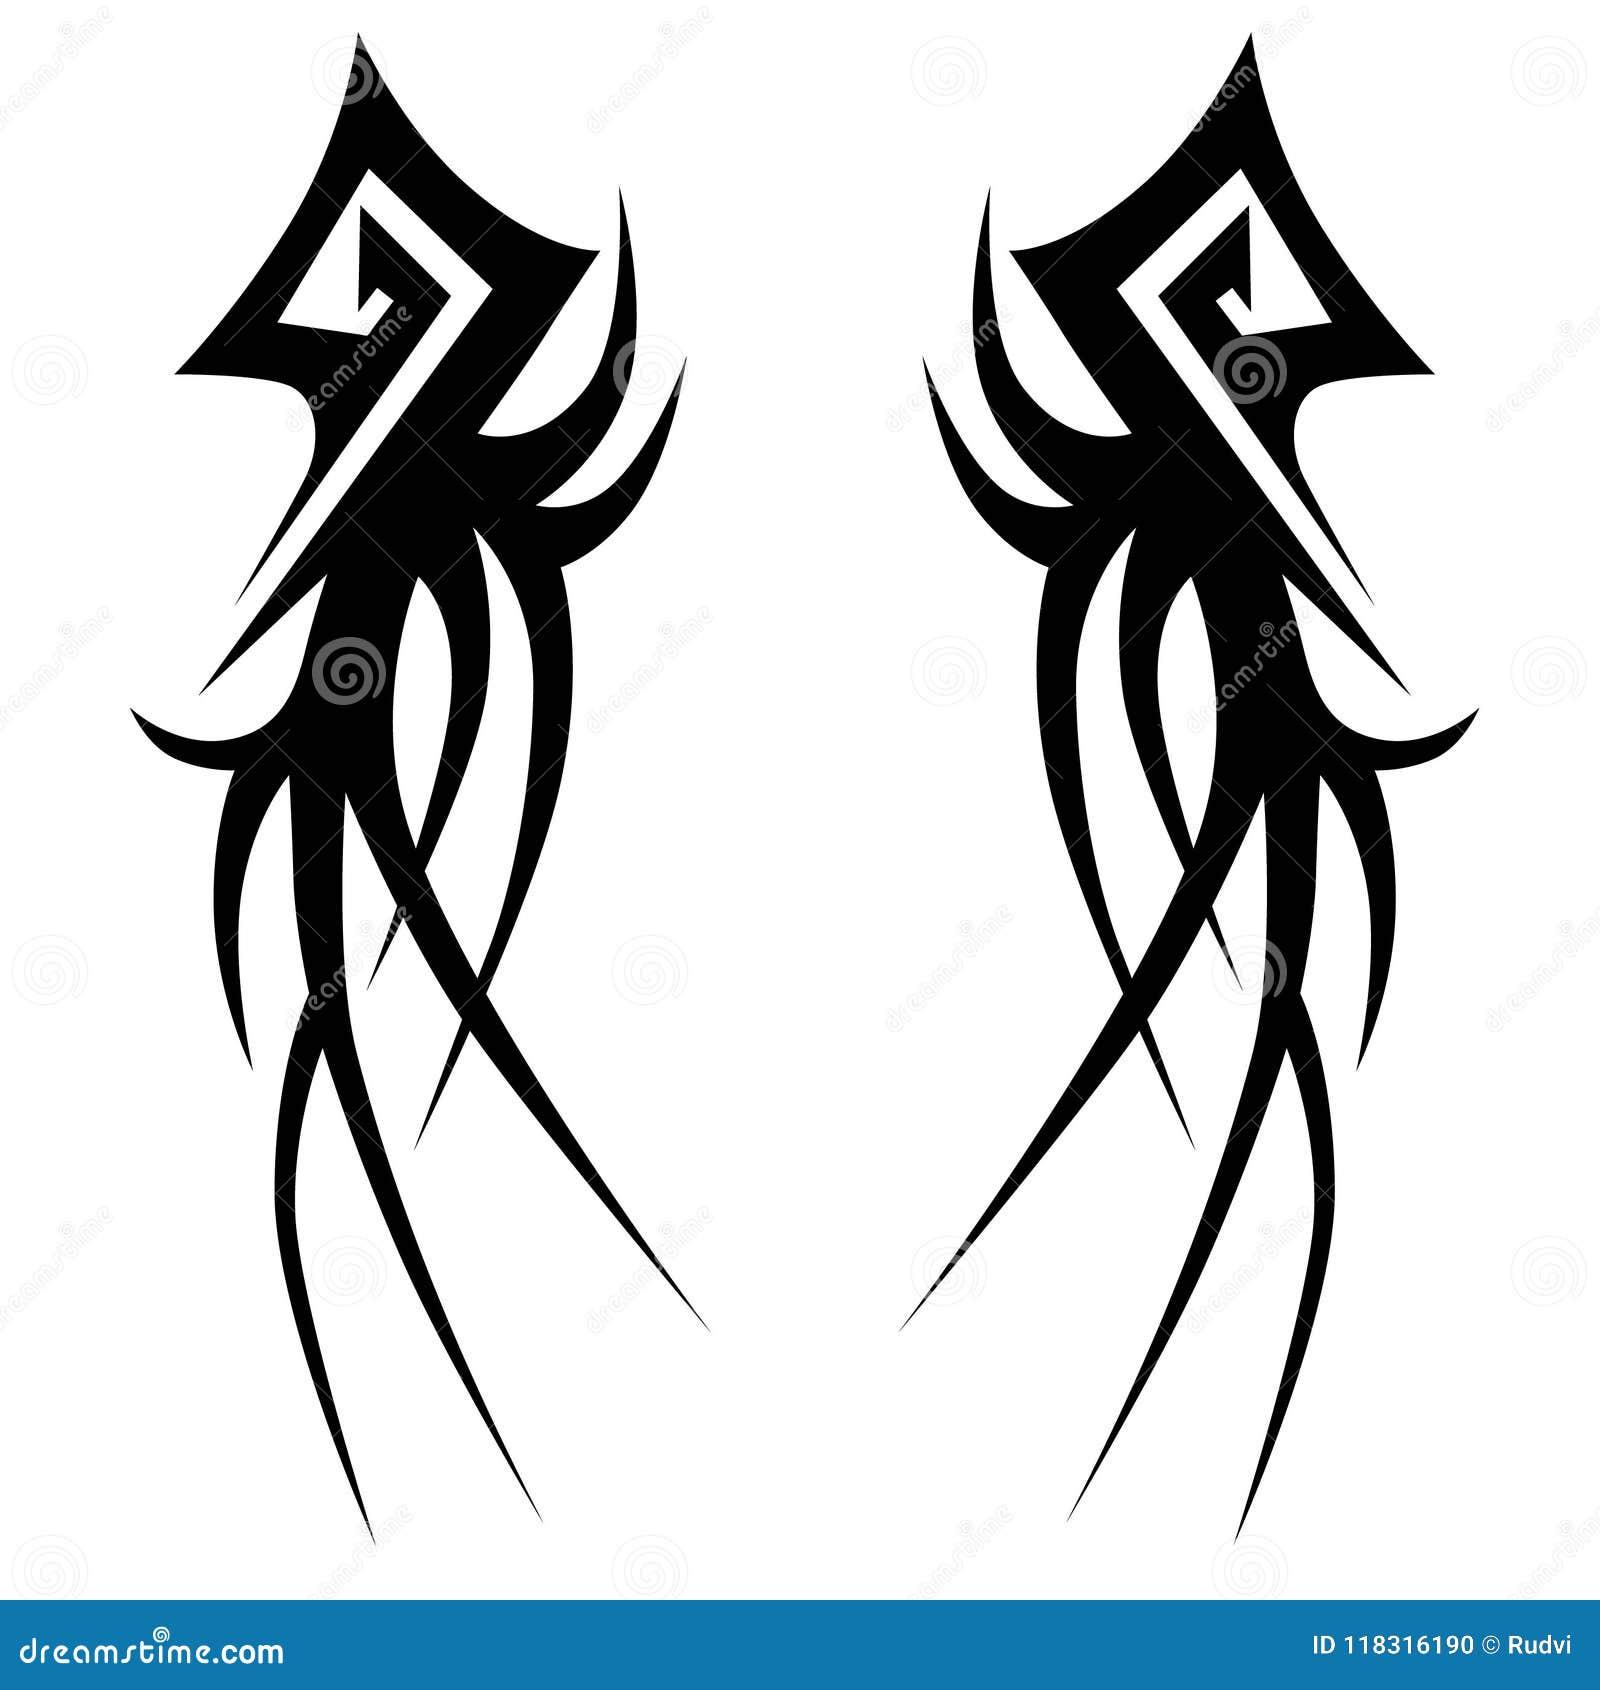 Tattoo Tribal Vector Design Sketch Stock Vector Illustration Of